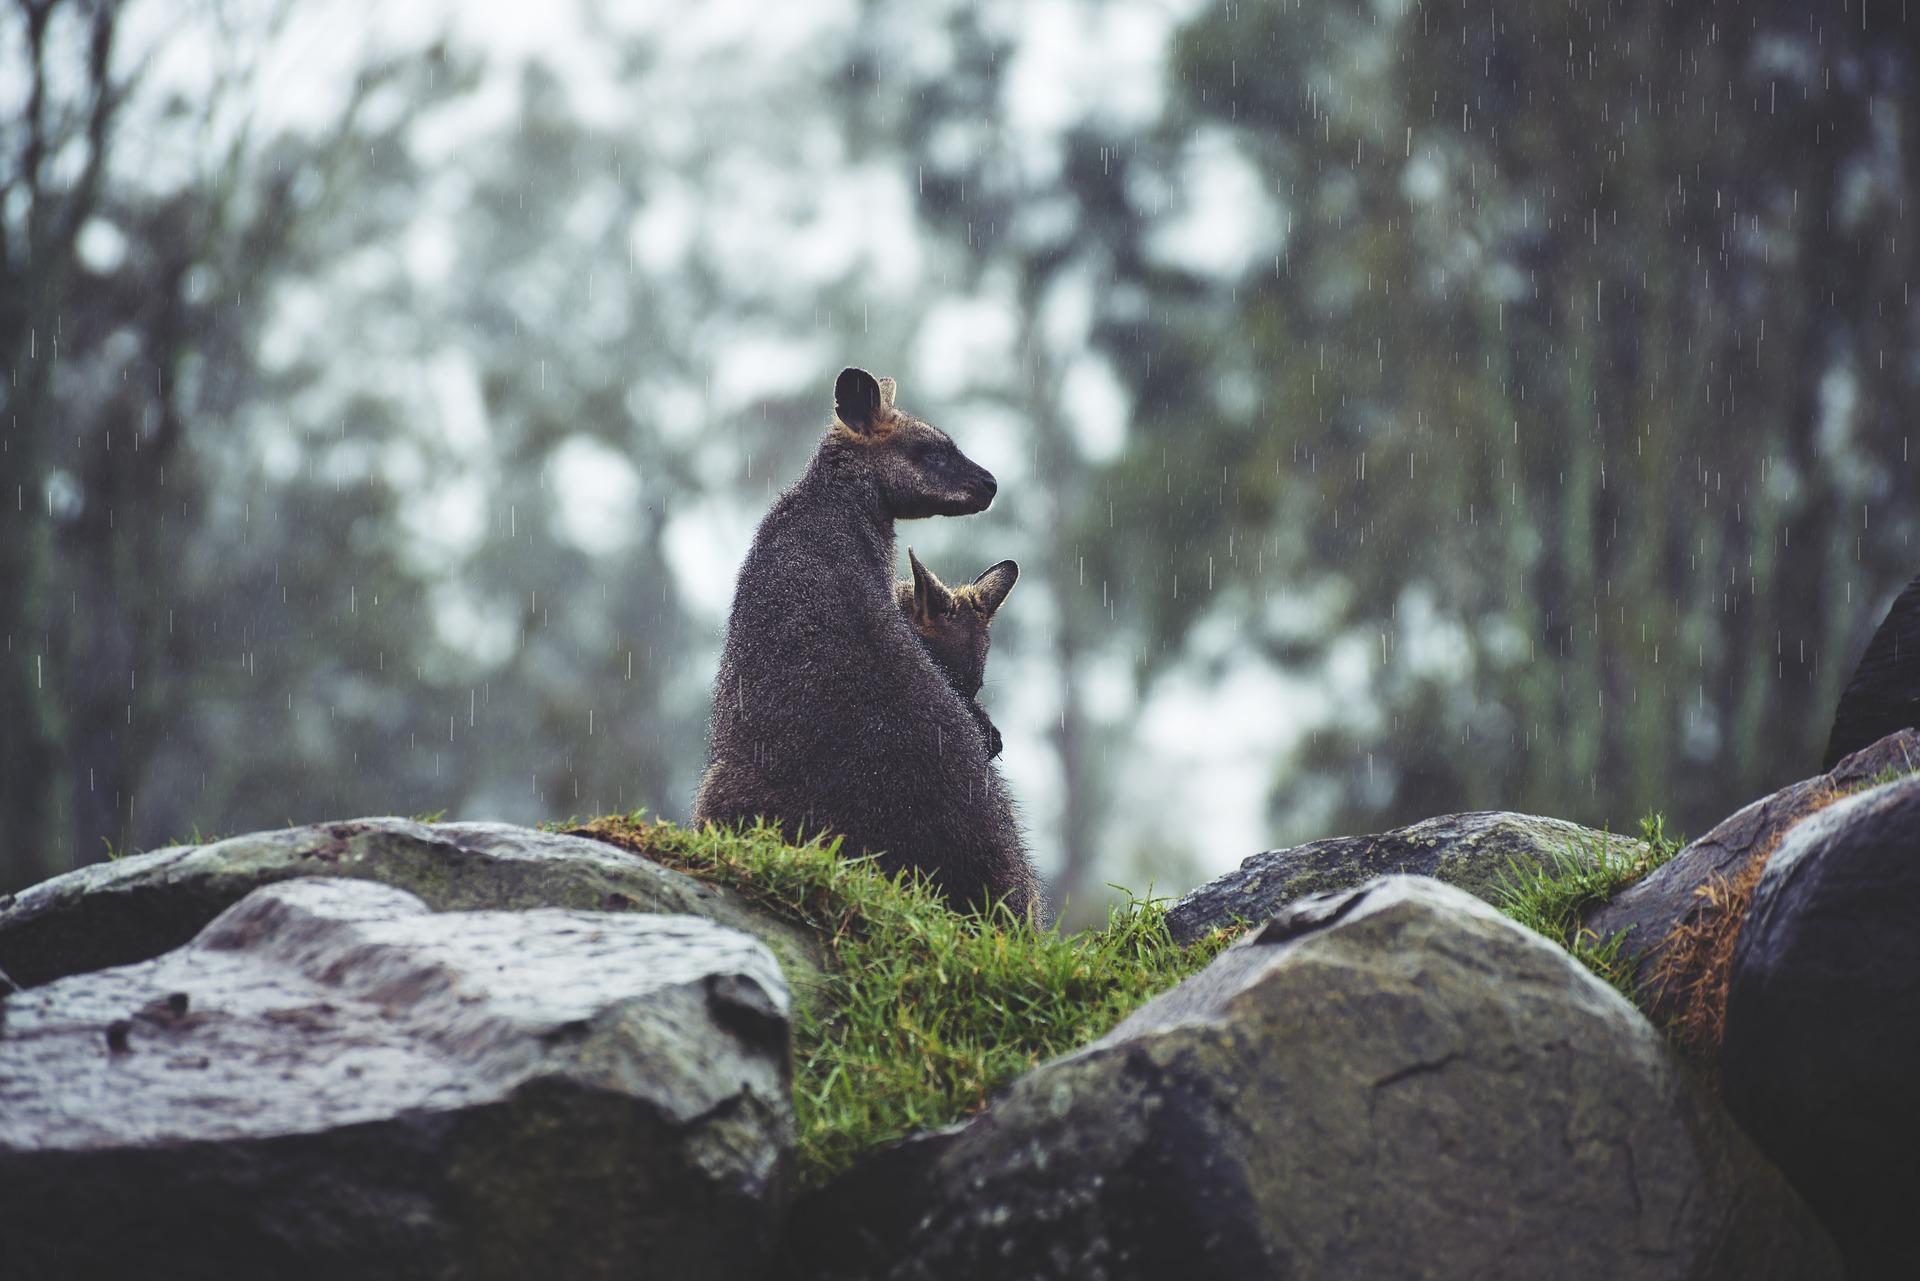 Les 10 meilleurs endroits en Australie pour découvrir la faune sauvage